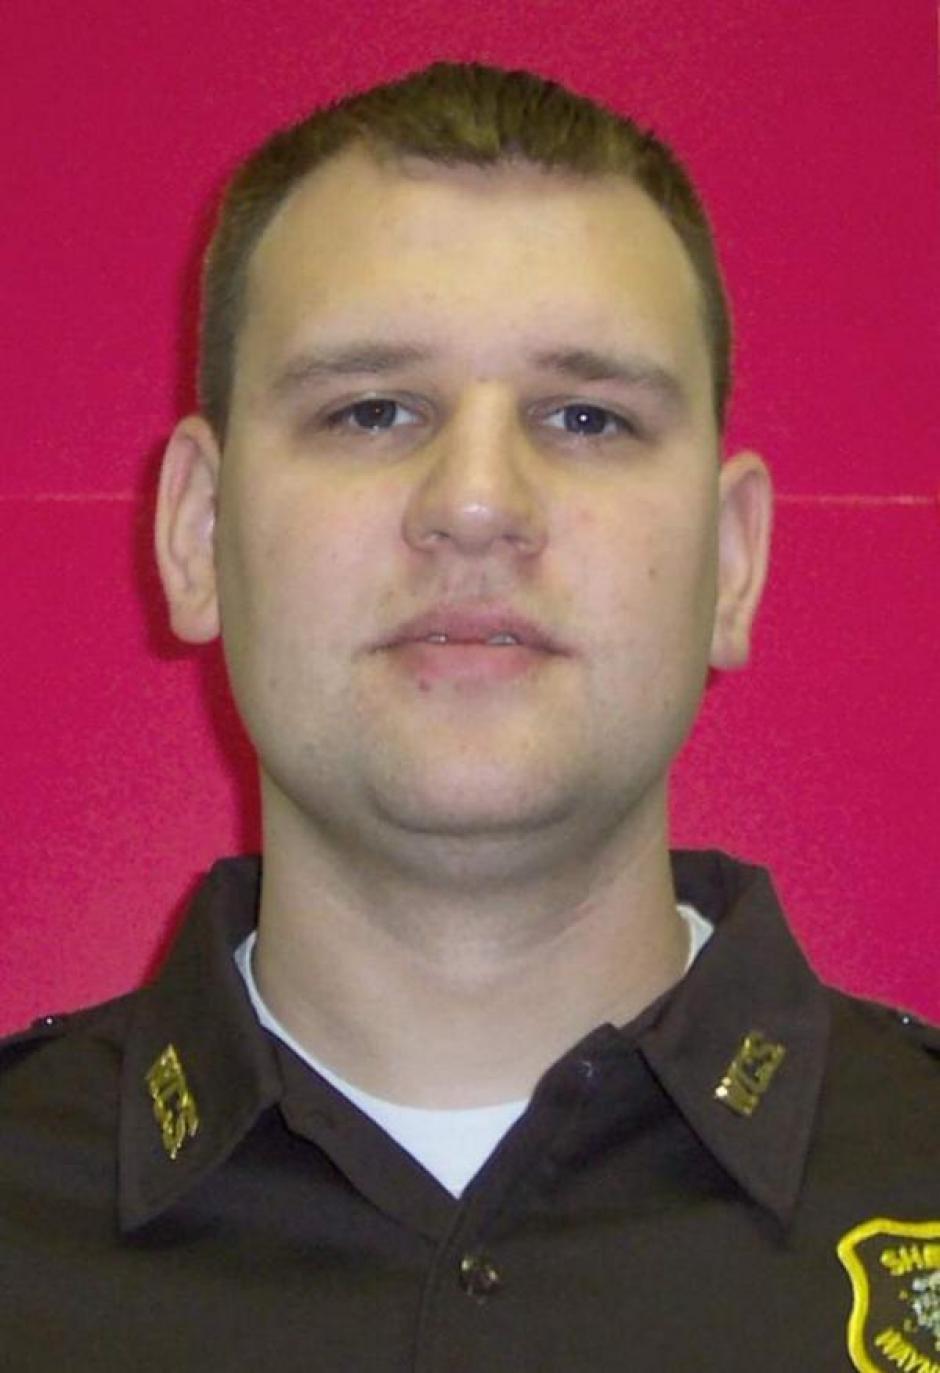 Michael Krol, oficial de la Policía de Dallas de 40 años. En 2008 se graduó de la la Academia de Policía de Dallas. (Foto: www.infobae.com)